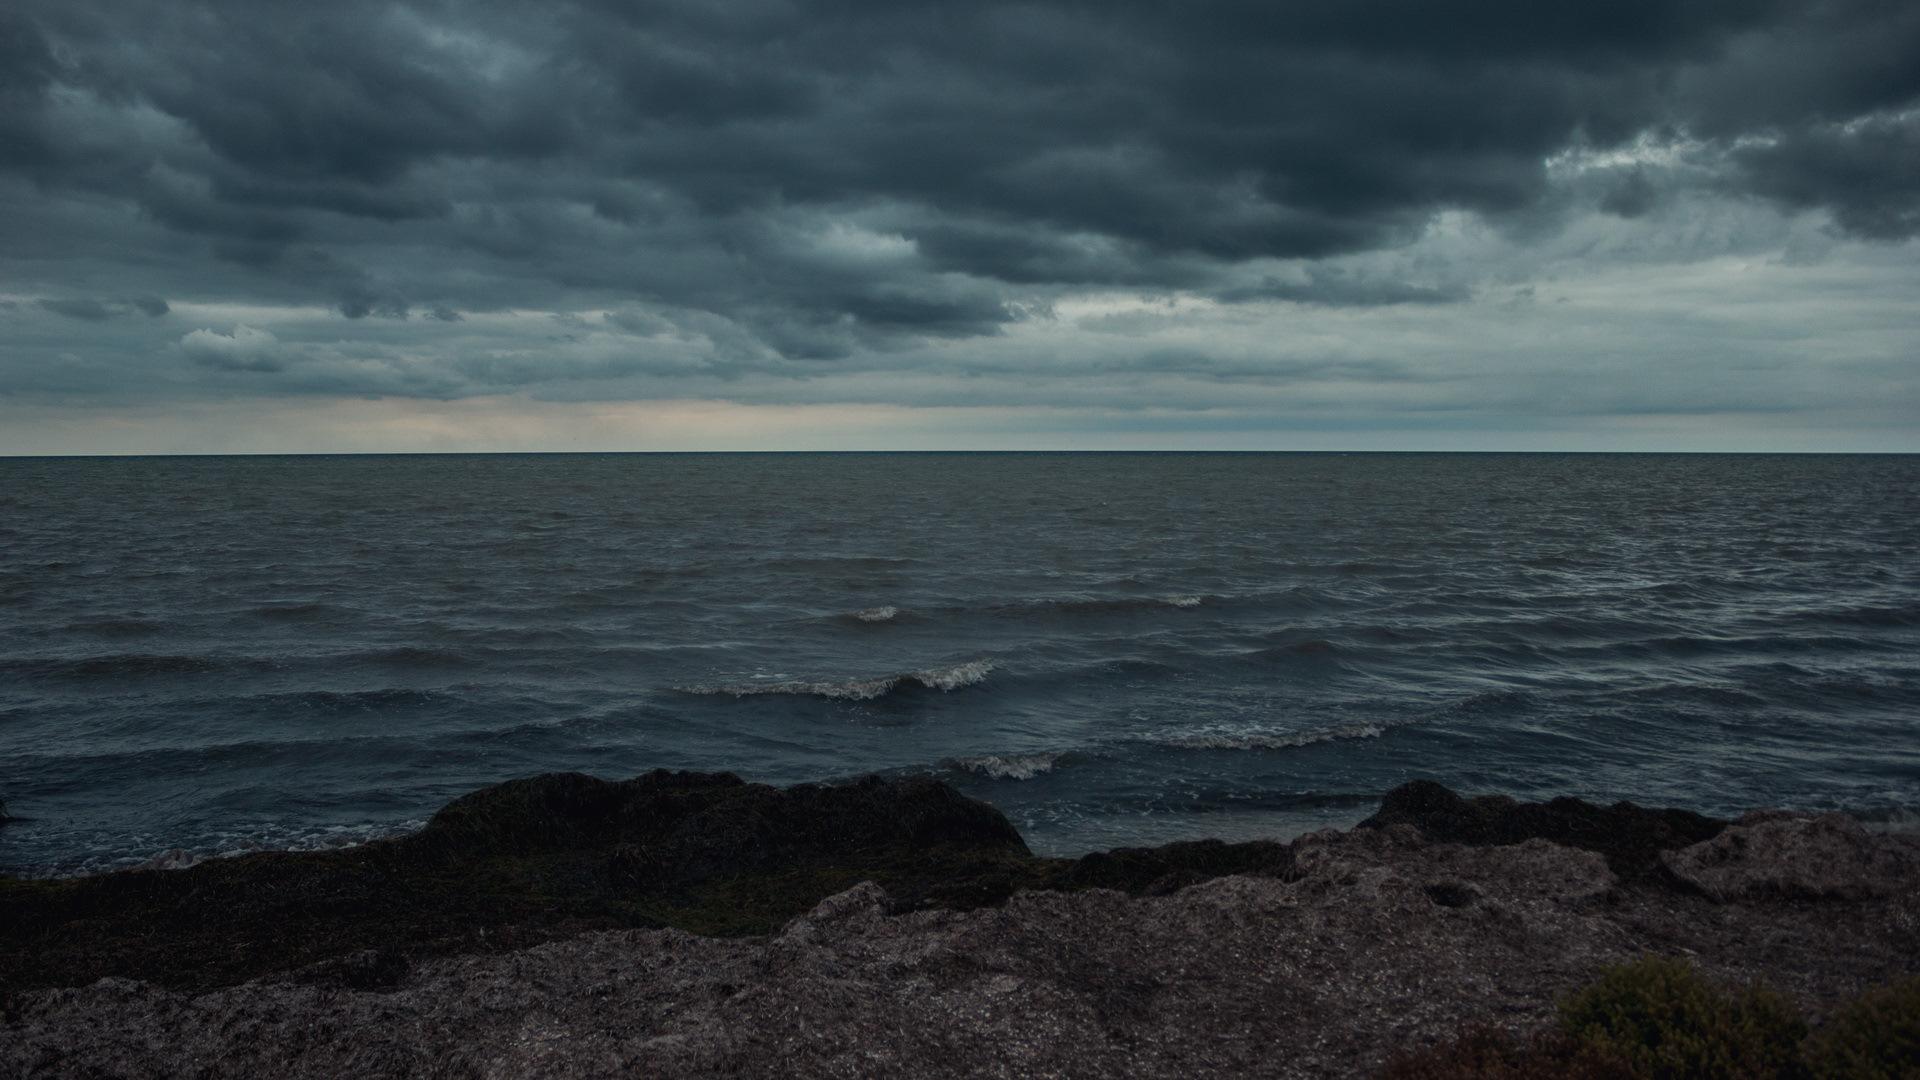 имеет море с плохой погодой картинка группы обходит